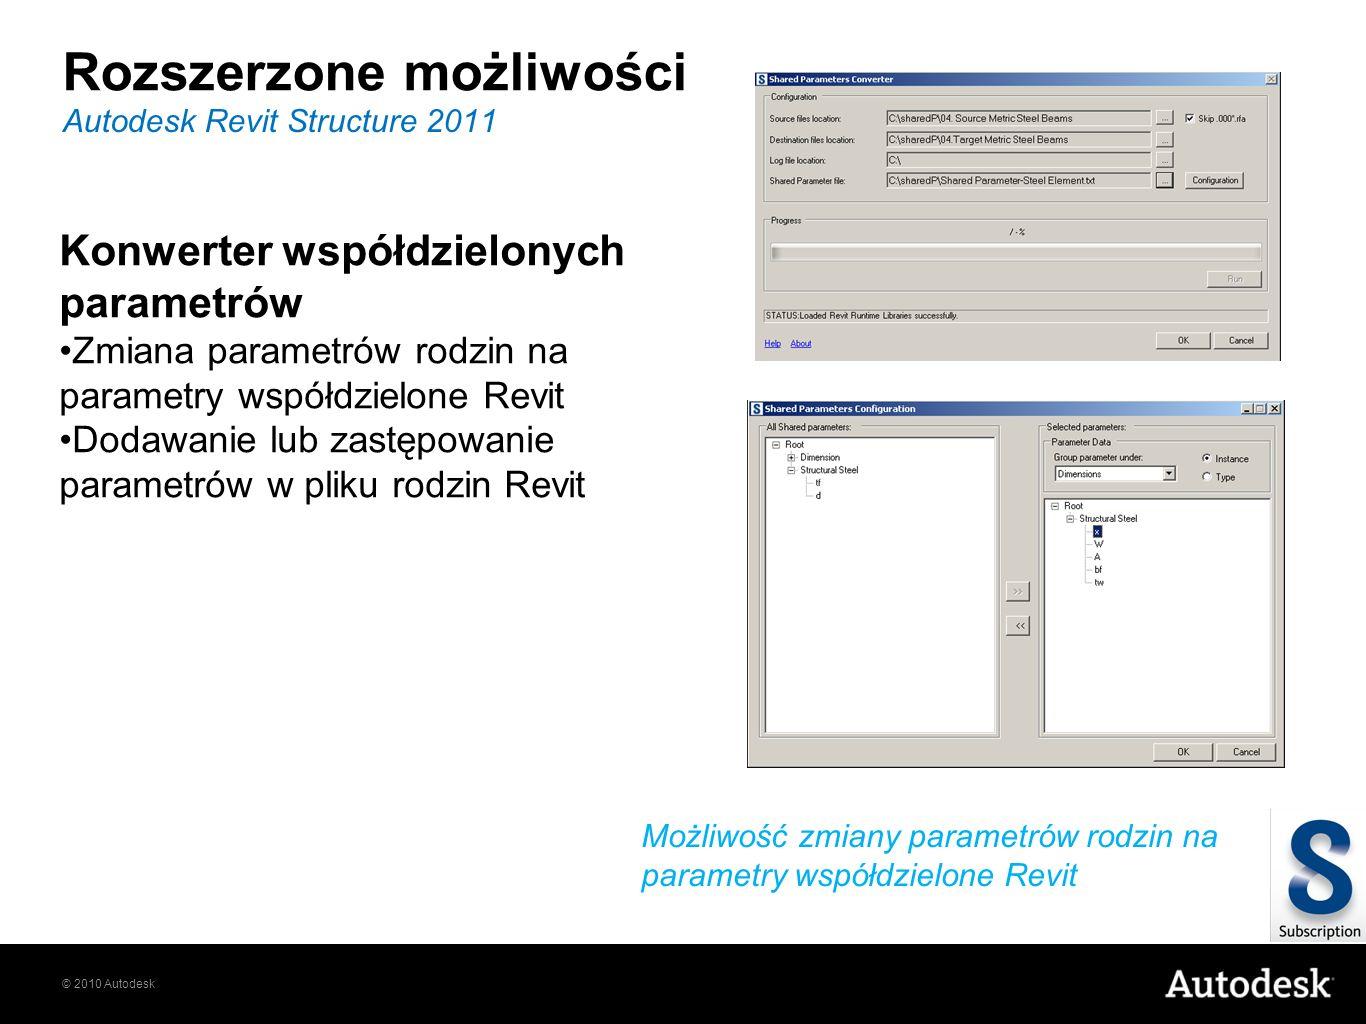 © 2010 Autodesk Rozszerzone możliwości Autodesk Revit Structure 2011 Możliwość zmiany parametrów rodzin na parametry współdzielone Revit Konwerter wsp